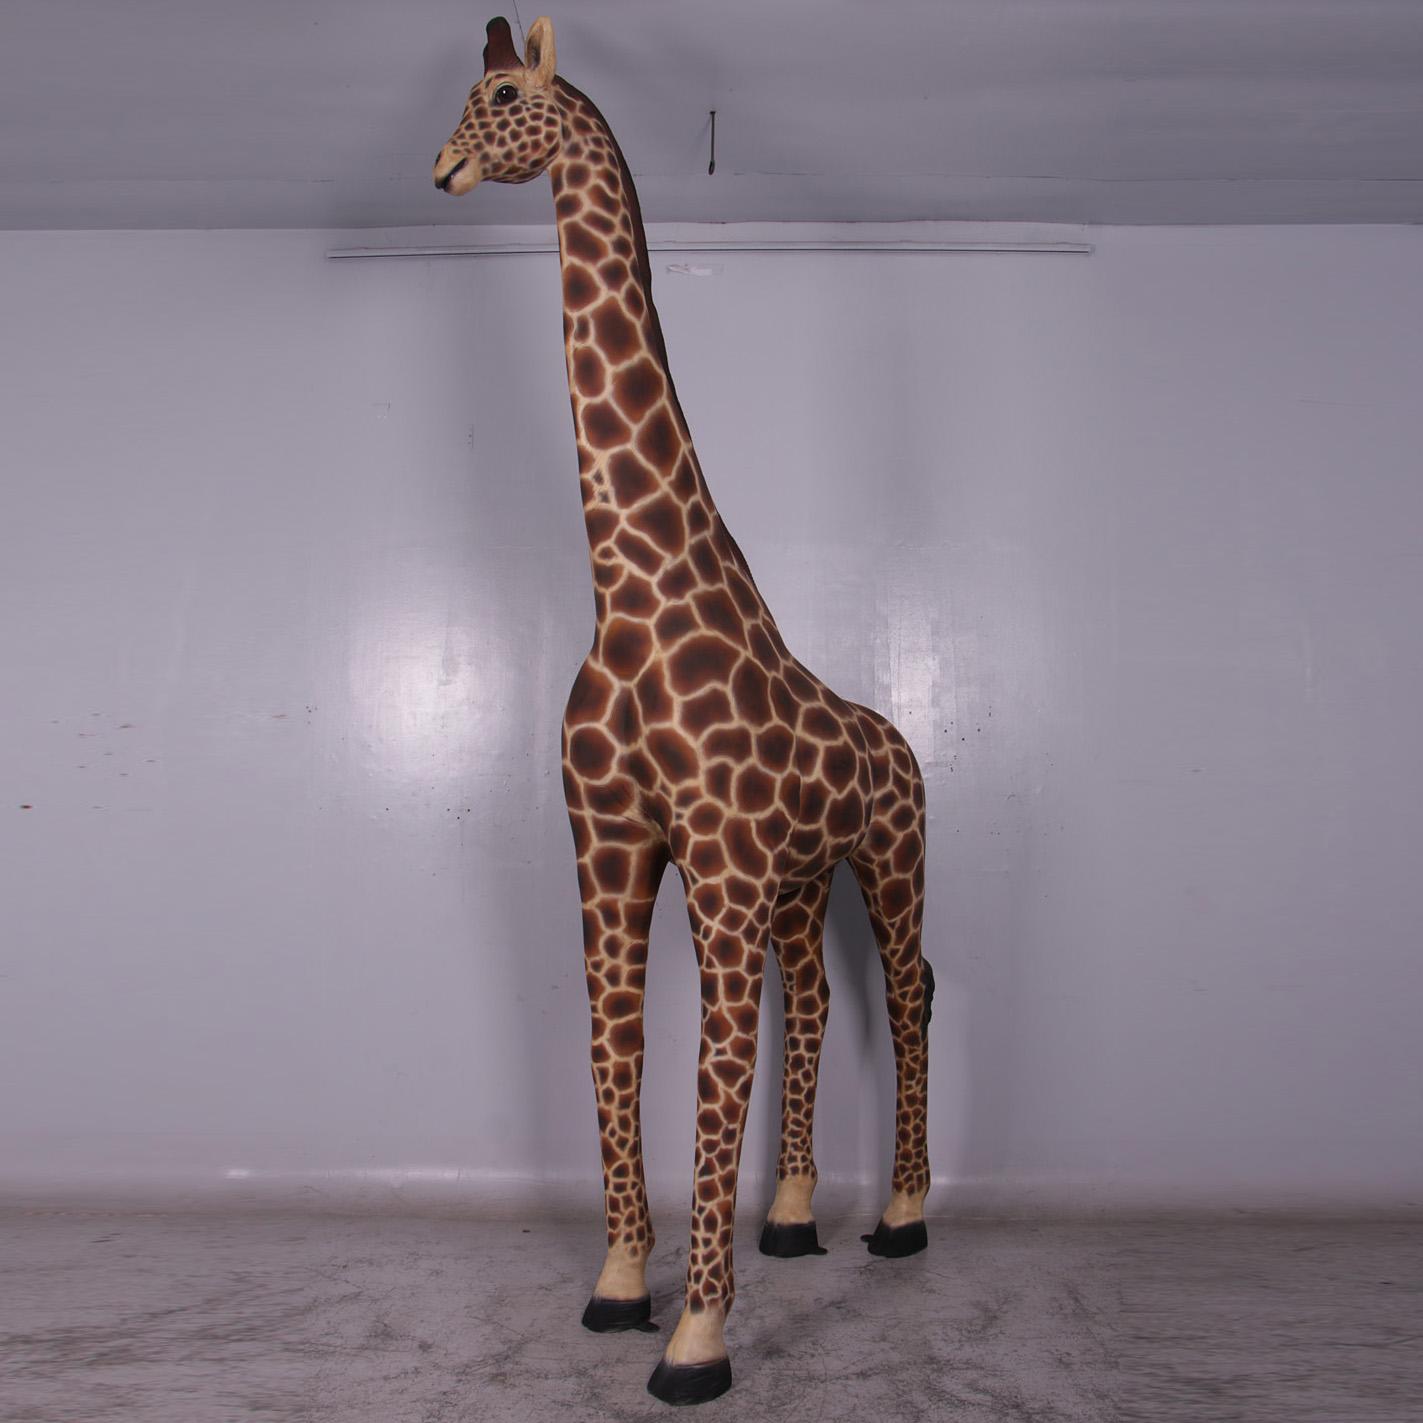 Girafe   Décors, figurines et animaux exotiques résine savane safari